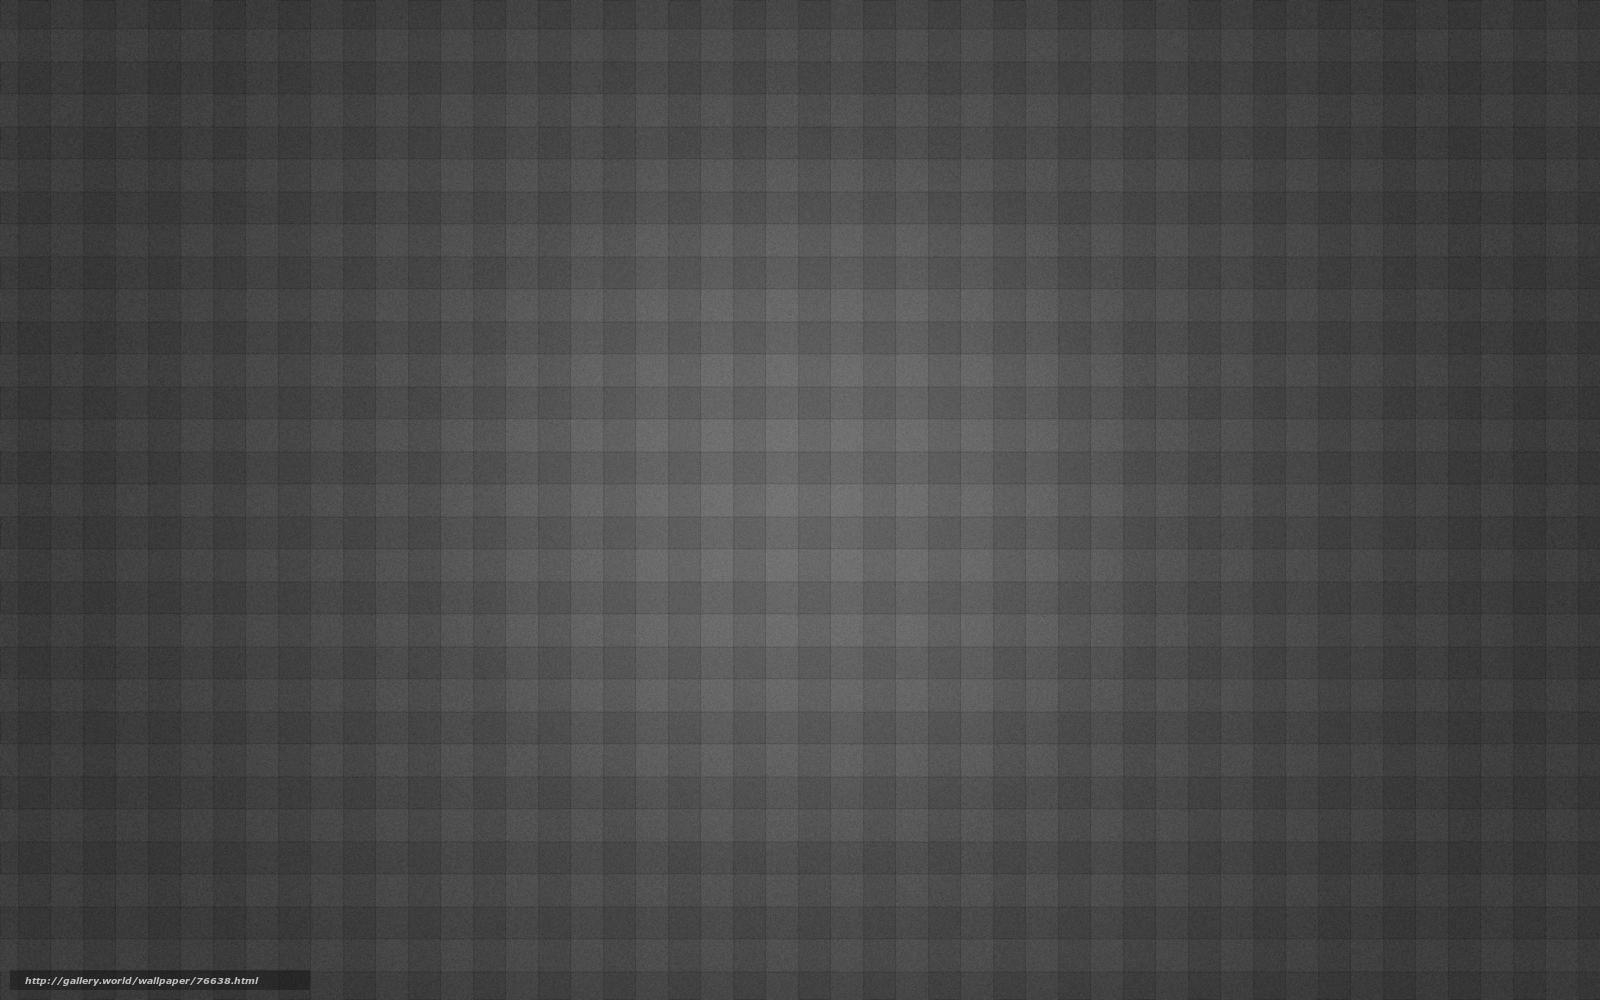 Papel De Parede Preto Alta Resolução Baixar: Baixar Wallpaper Preto, Textura, Papel De Parede, Fundo